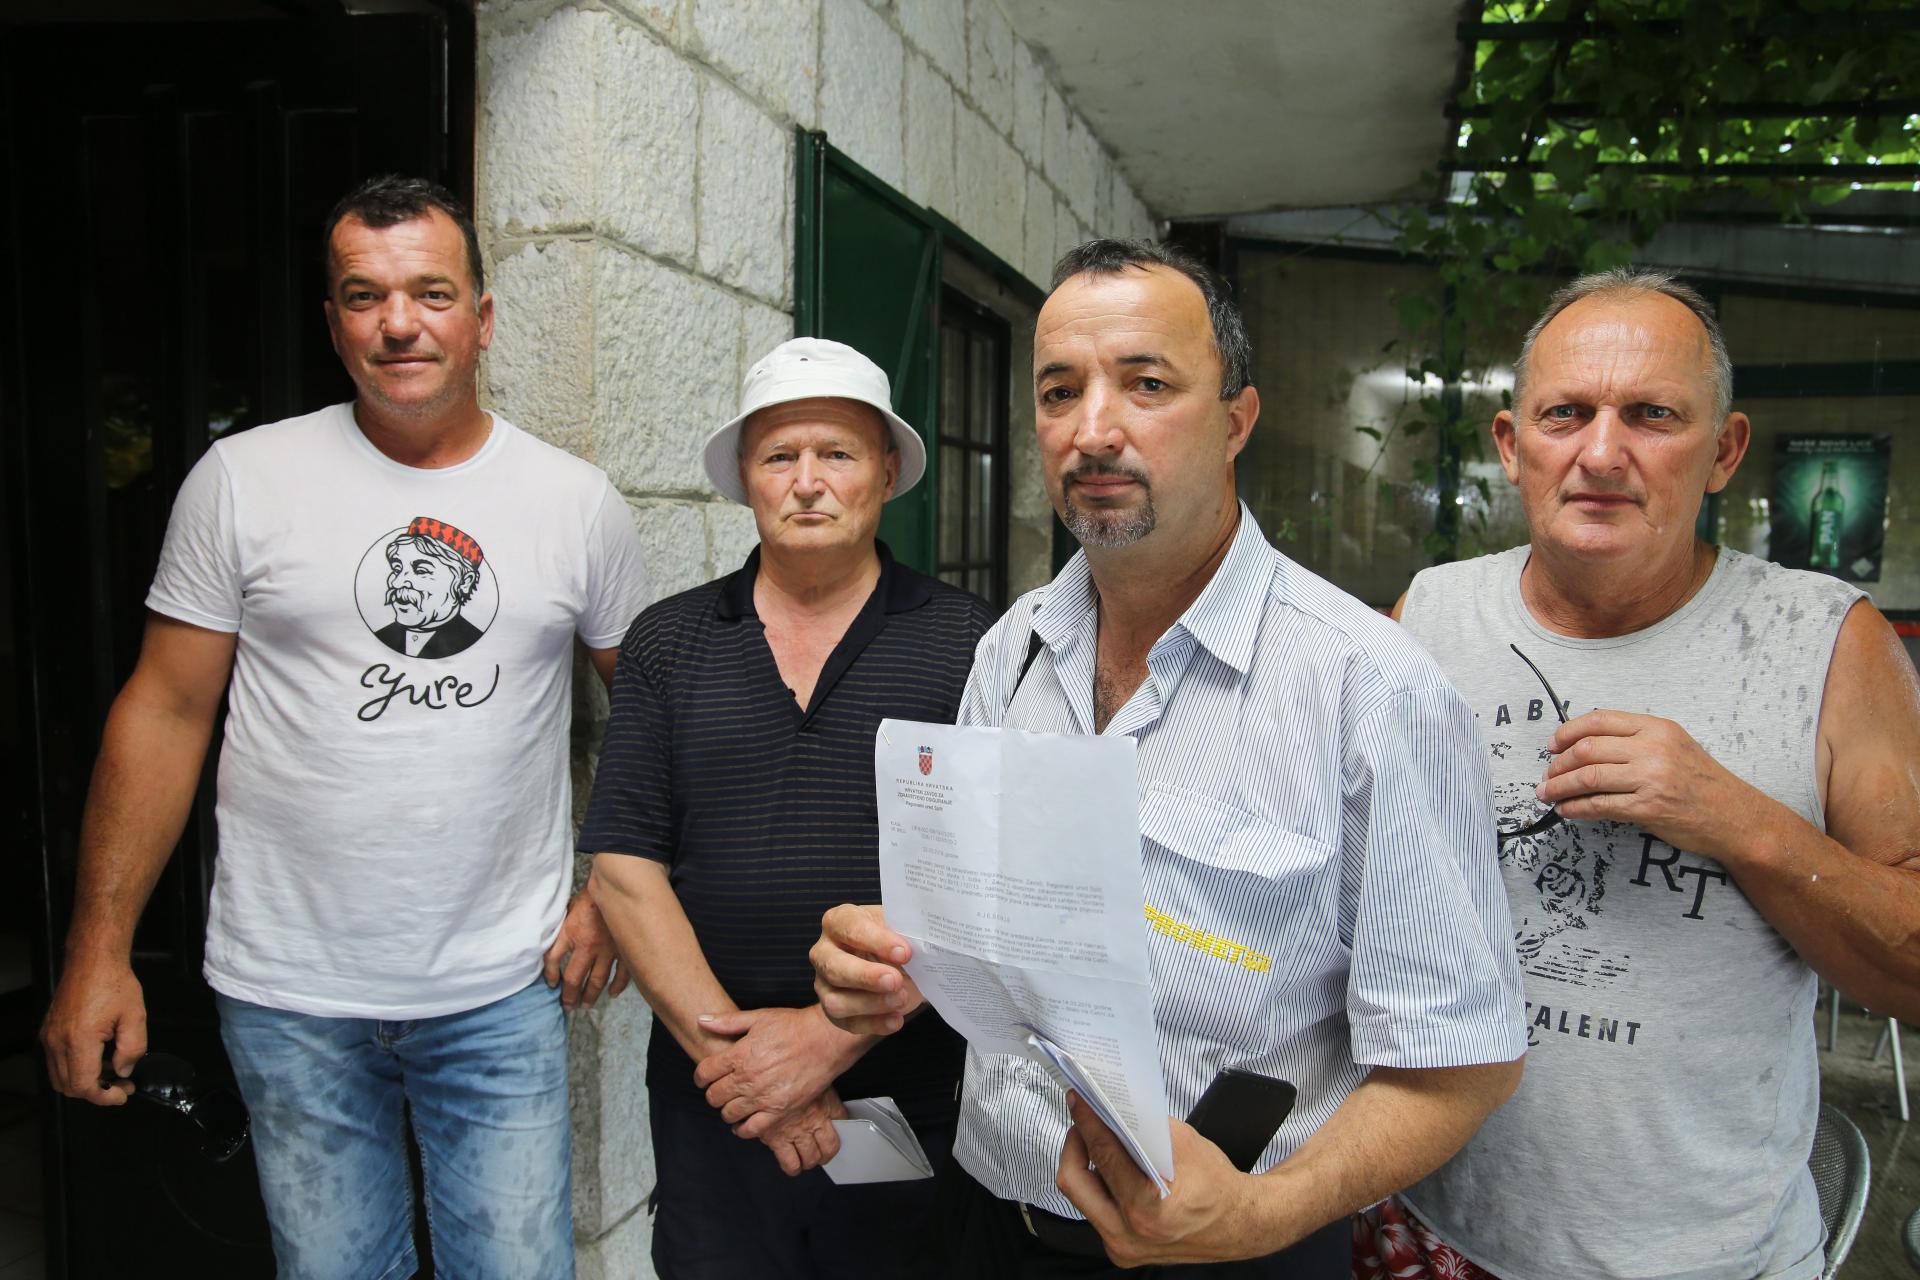 'Dok ministar Imoćanin vuče svome kraju, svi drugi mogu i crknuti', složni su mještani Jure Smoljanović, Miro Bartulović, Danimir Kraljević i Ante Perišić